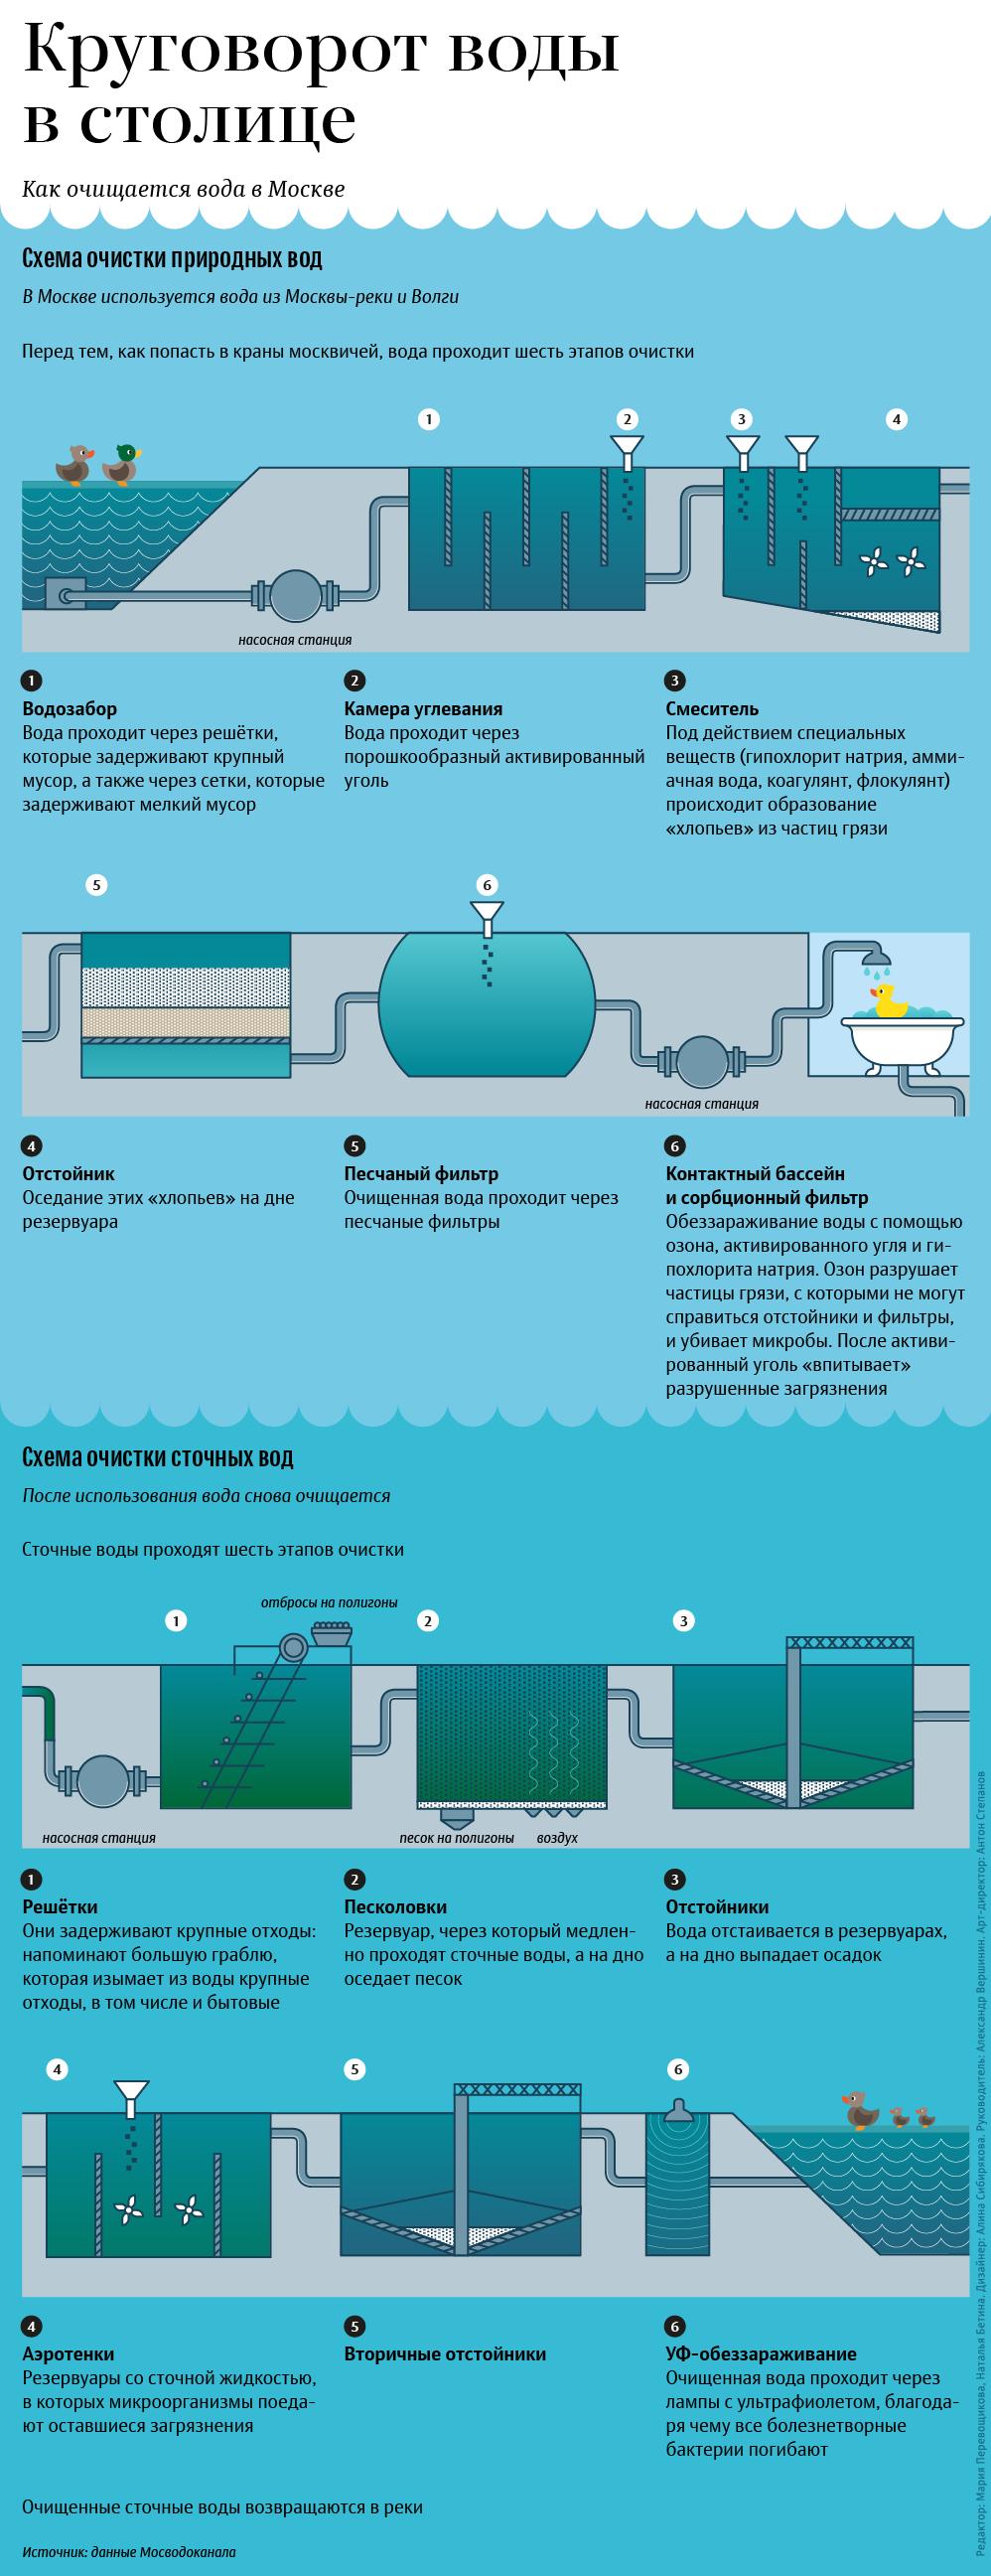 Как очищается вода в Москве